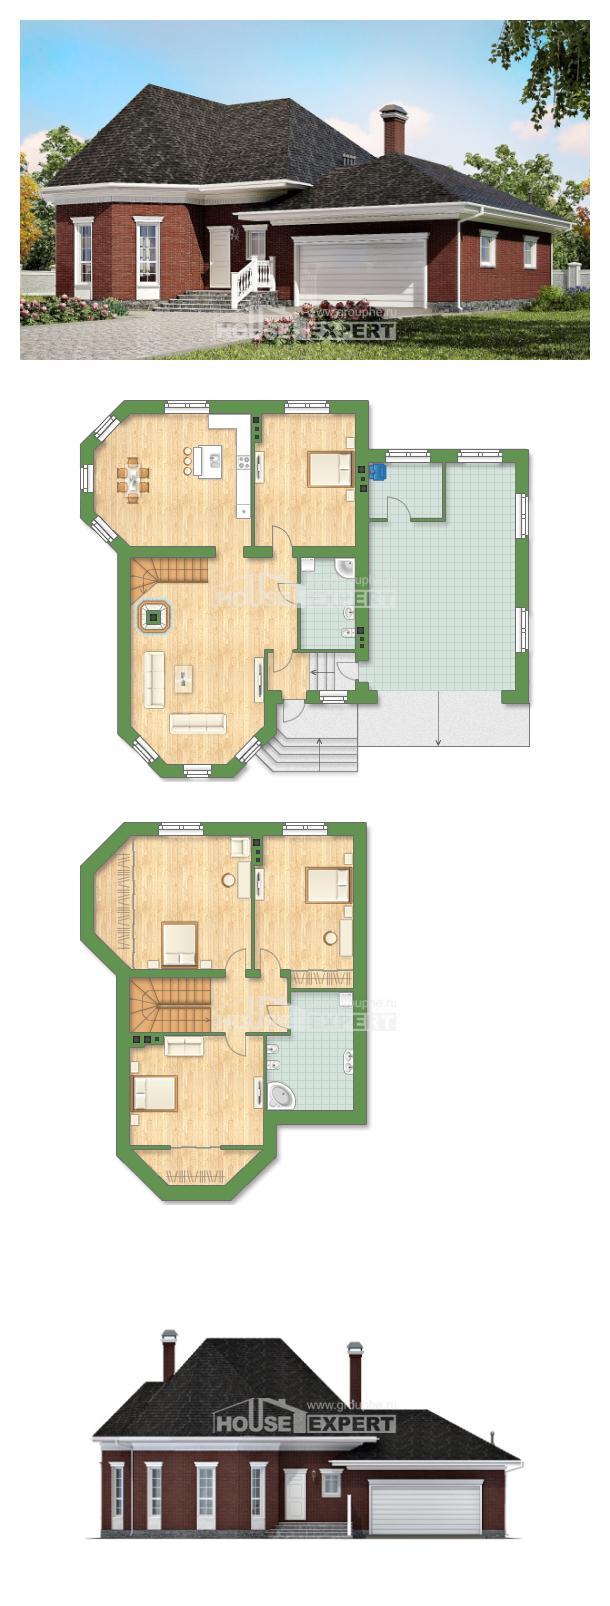 Plan 290-002-R | House Expert